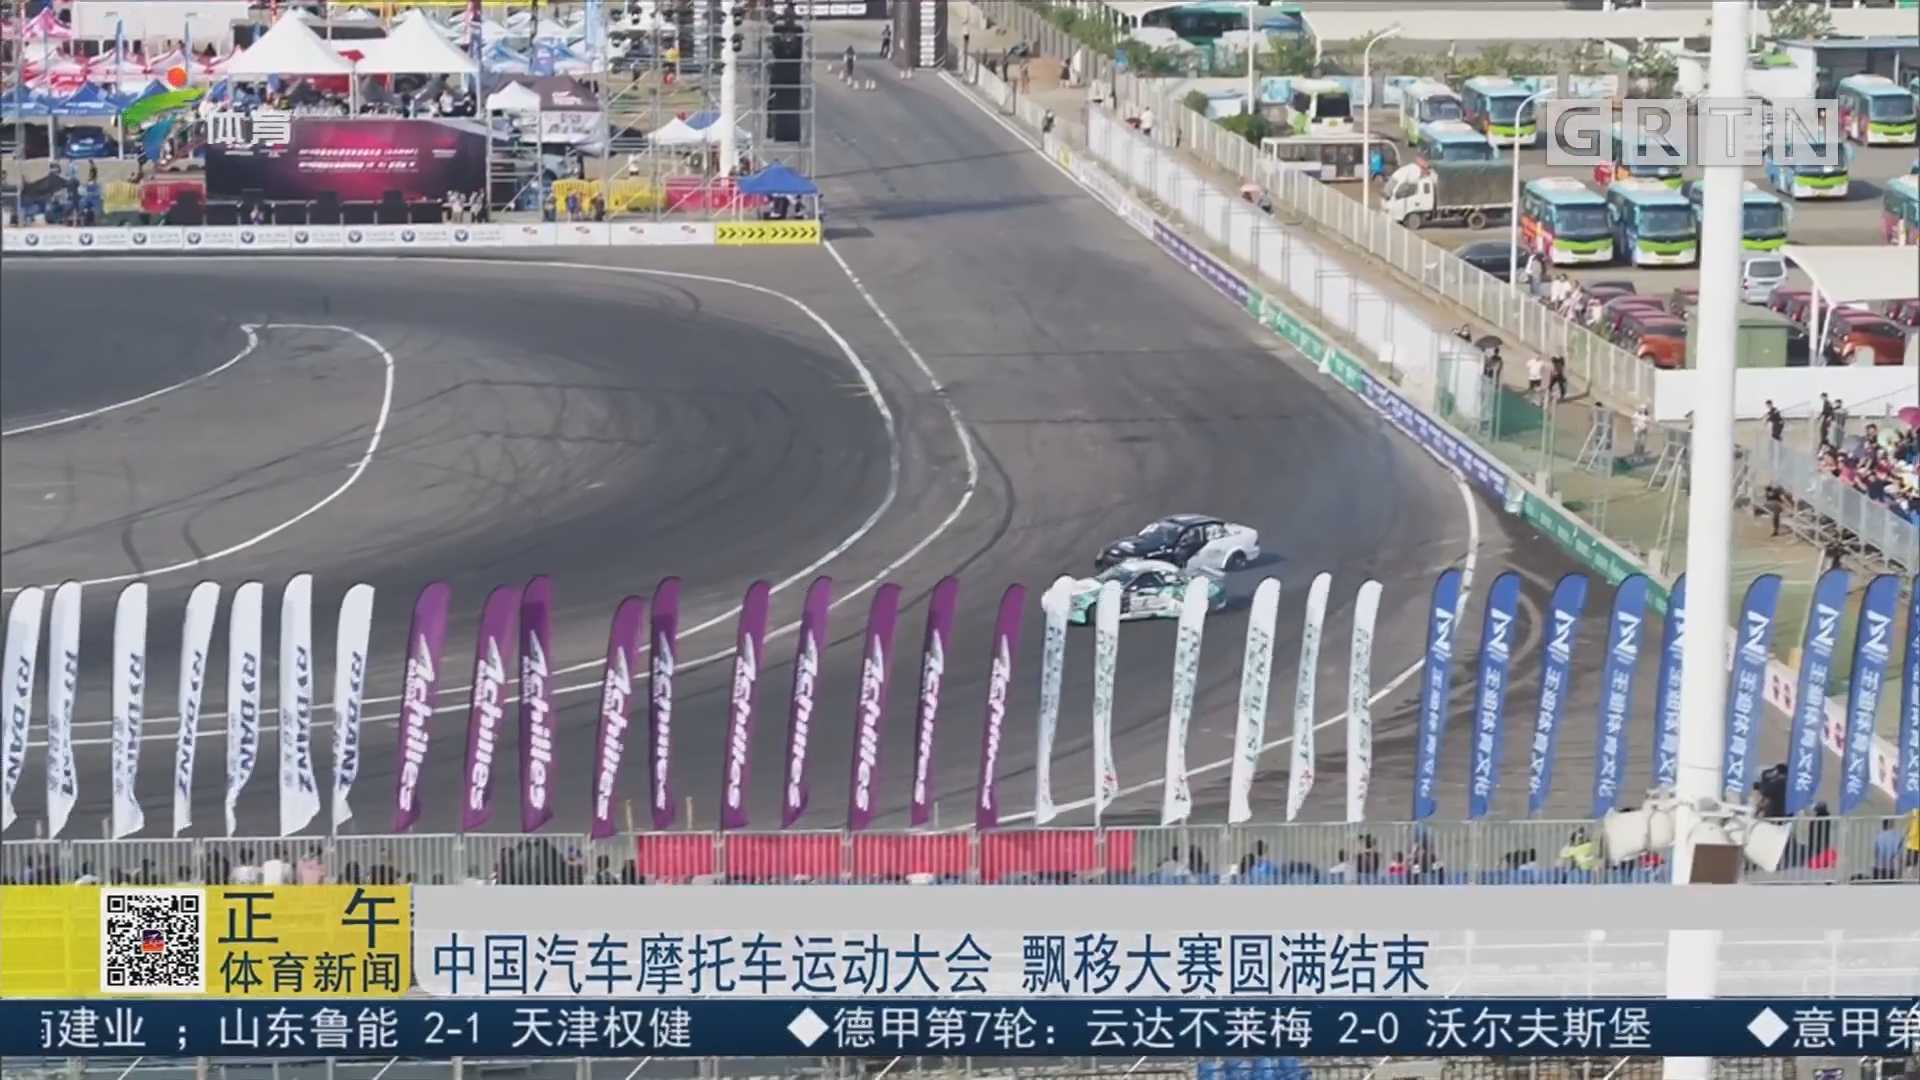 中国汽车摩托车运动大会 飘移大赛圆满结束